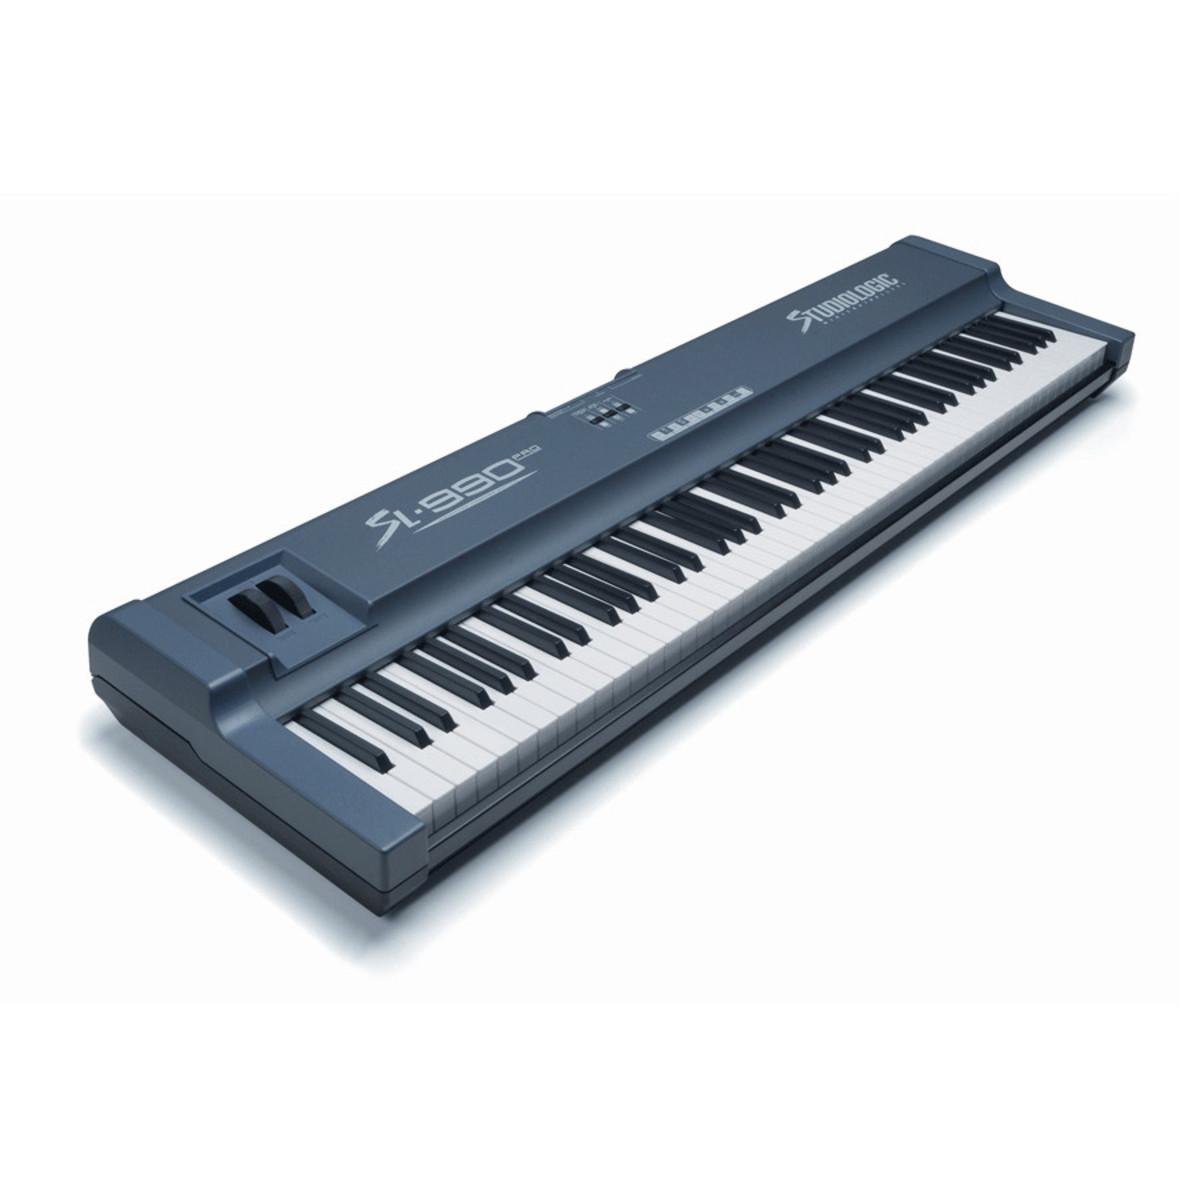 studiologic sl990 pro 88 key controller keyboard ex demo at. Black Bedroom Furniture Sets. Home Design Ideas